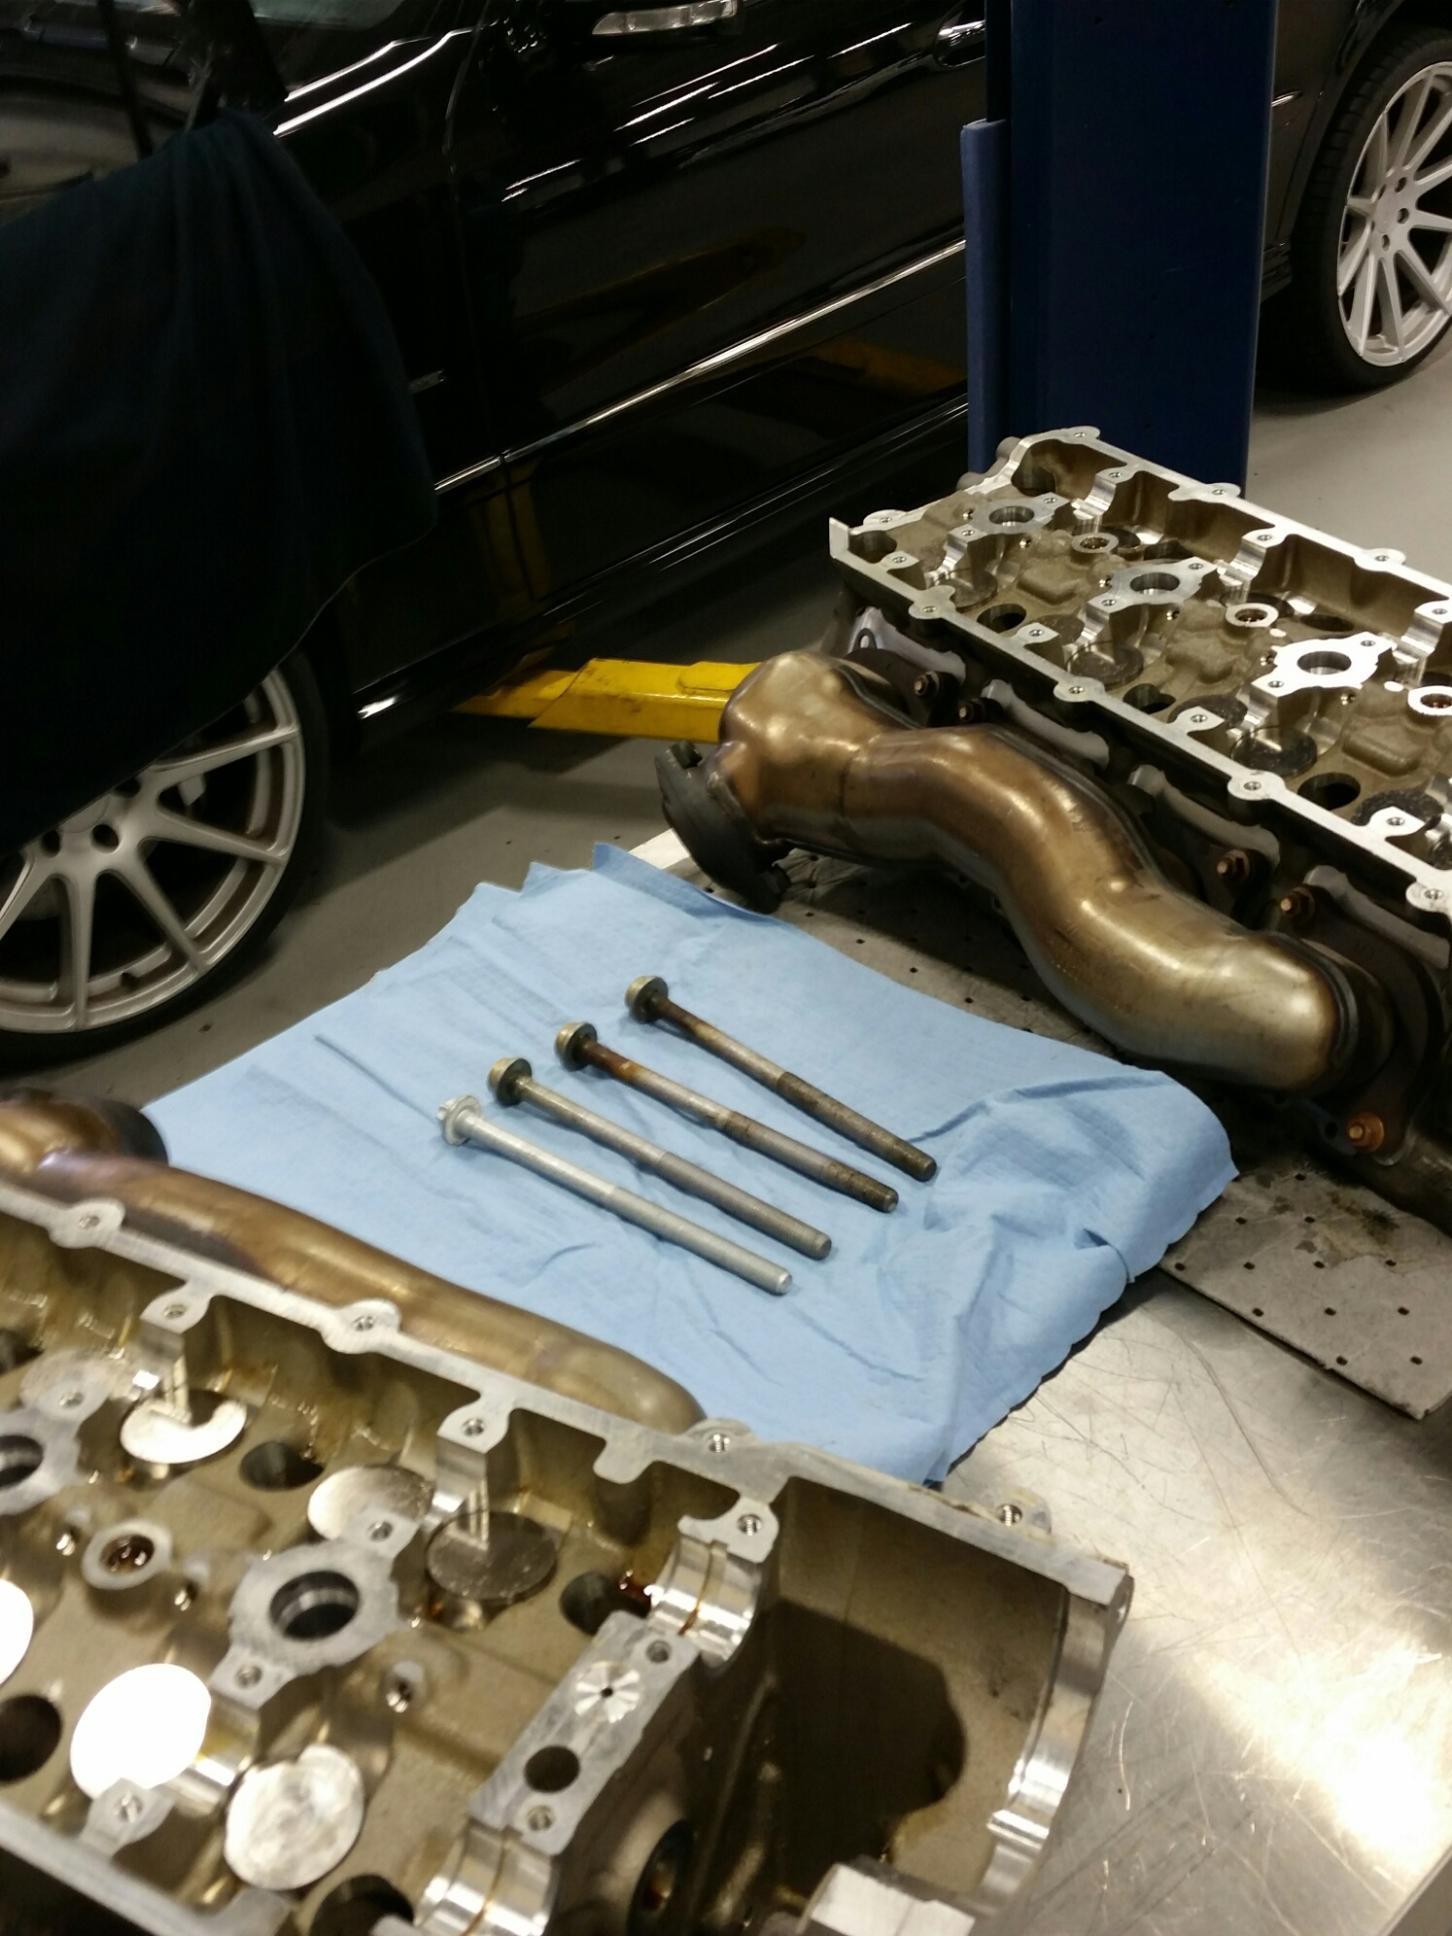 Galerie von mercedes common problems - m156 engine problems